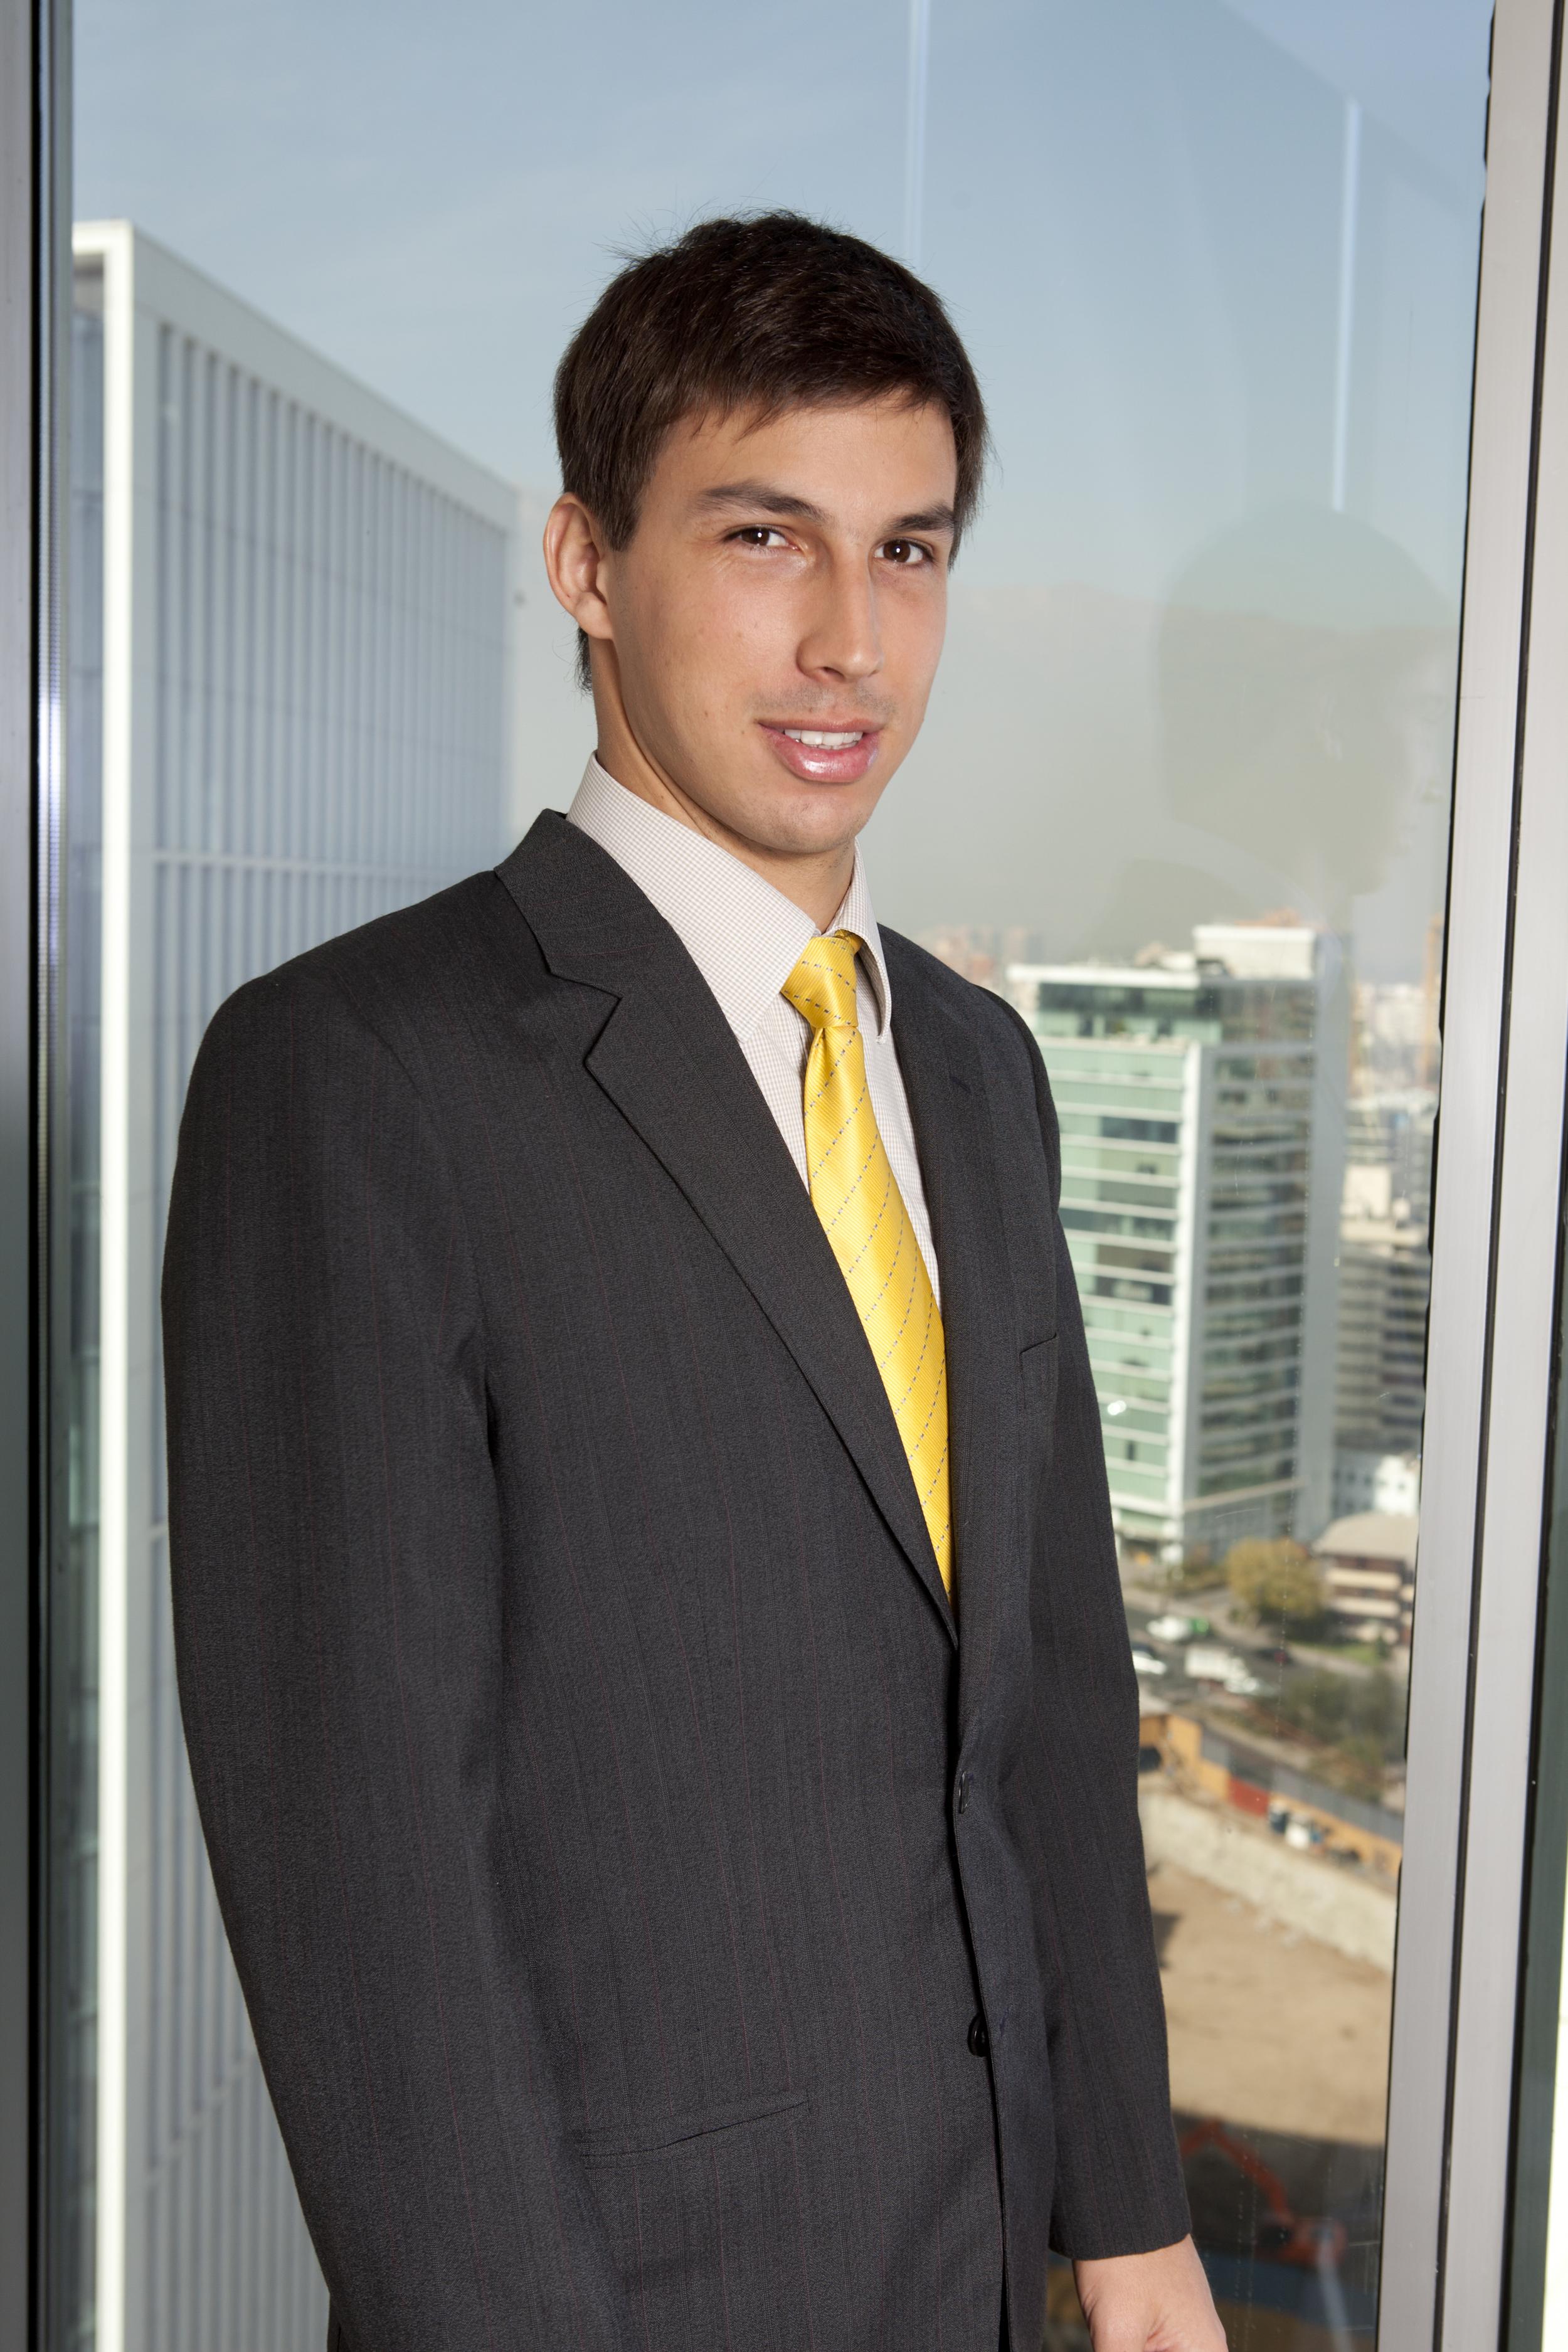 Joshua Barten Economista. Trabaja en una consultora de negocios en Chile mientras entrena expositores a larga distancia. Le gustan los deportes que utilizan una tabla. Vive en Santiago.